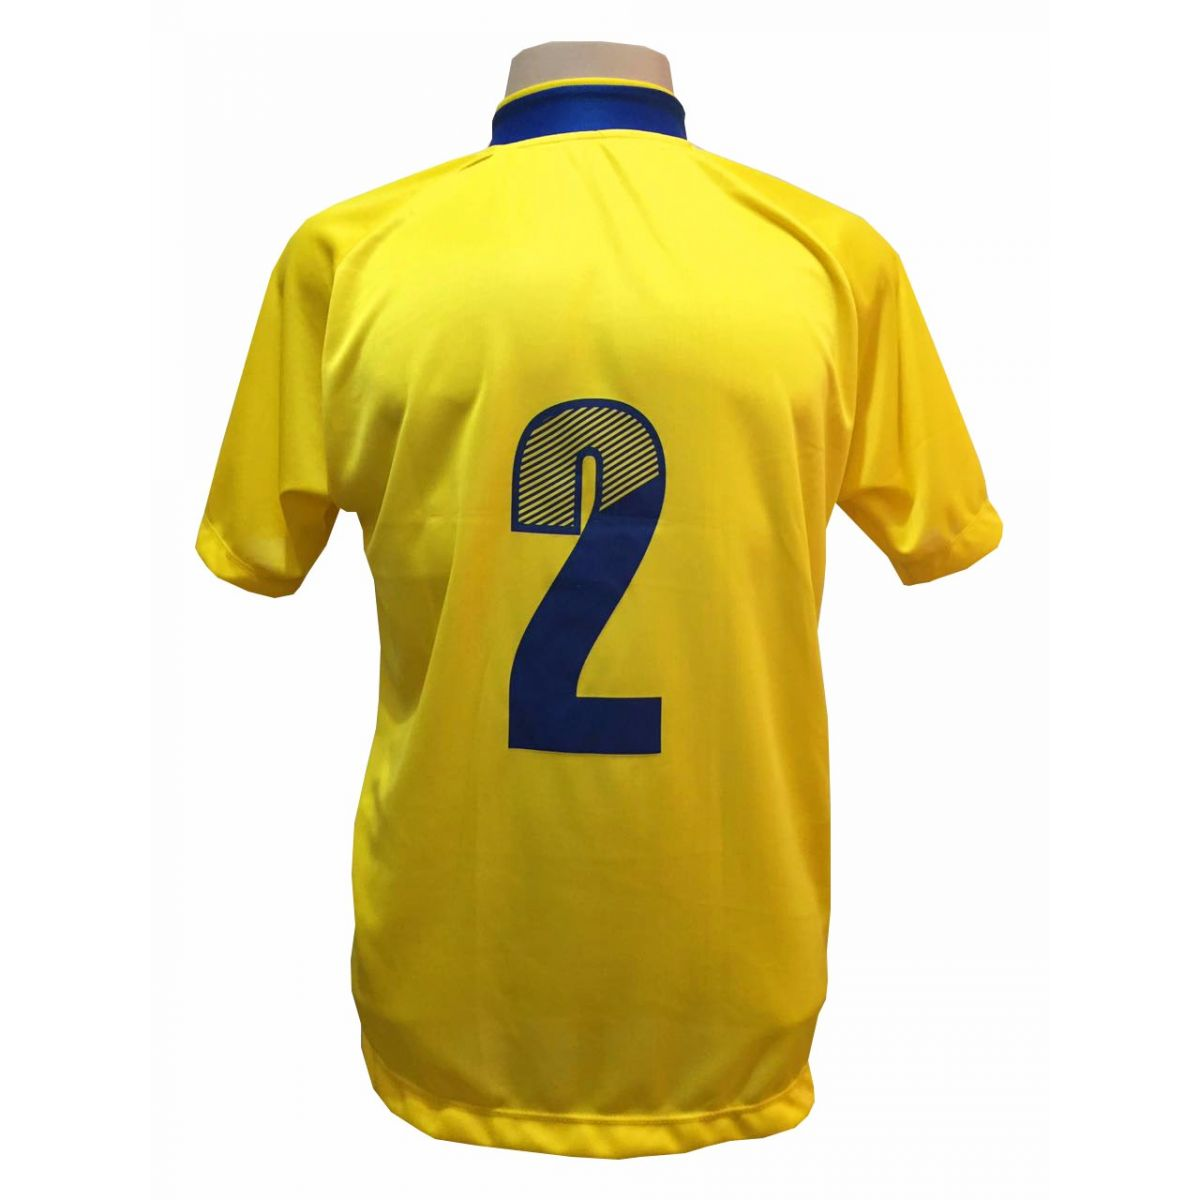 Uniforme Esportivo com 12 camisas modelo Milan Amarelo/Royal + 12 calções modelo Madrid + 1 Goleiro + Brindes